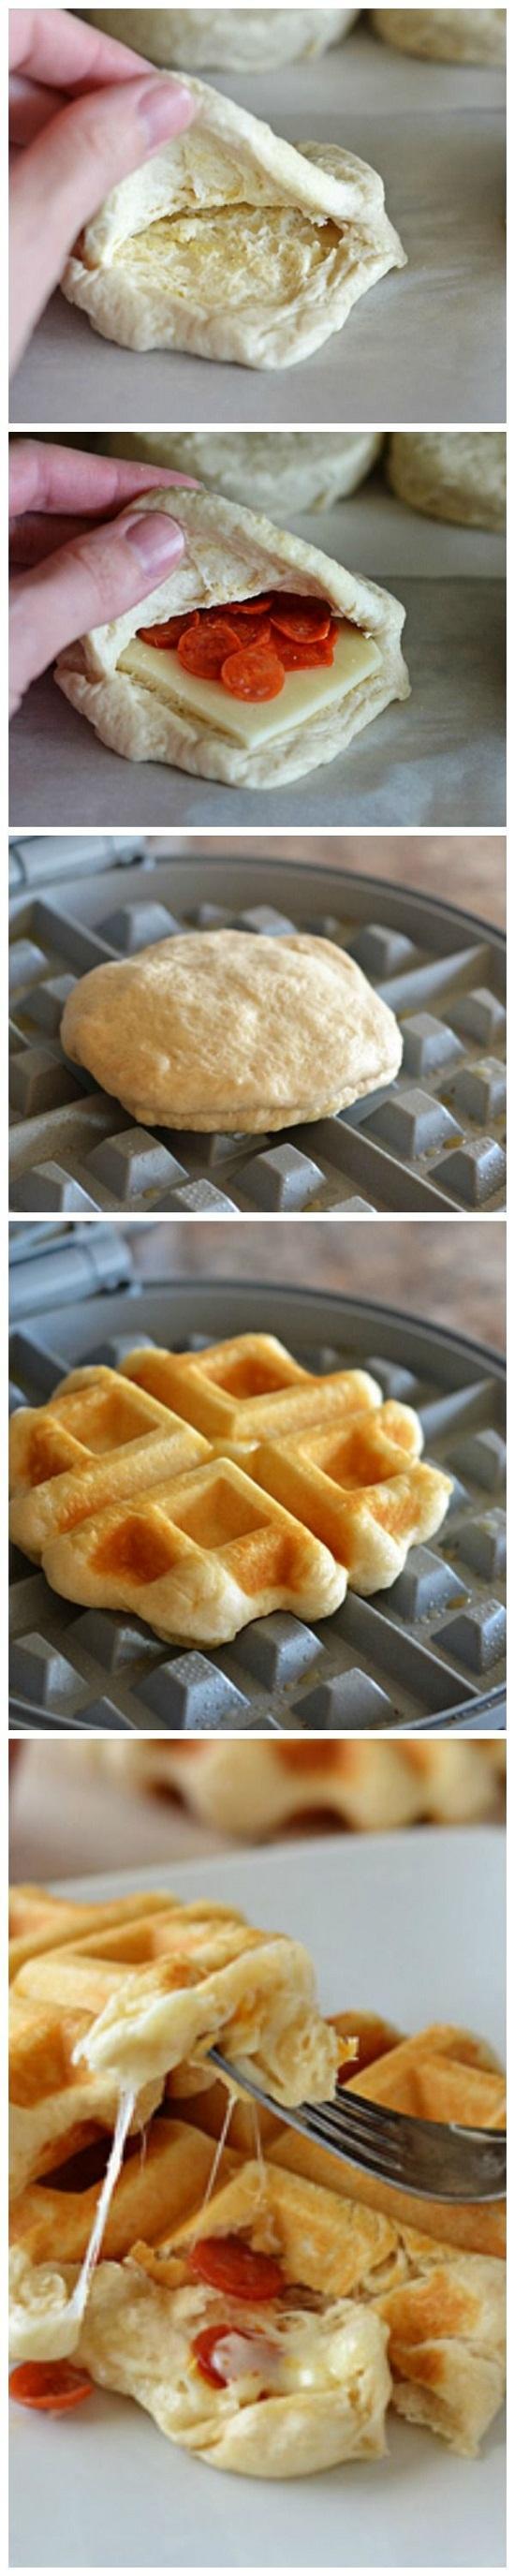 Pizza-Waffles-Recipe